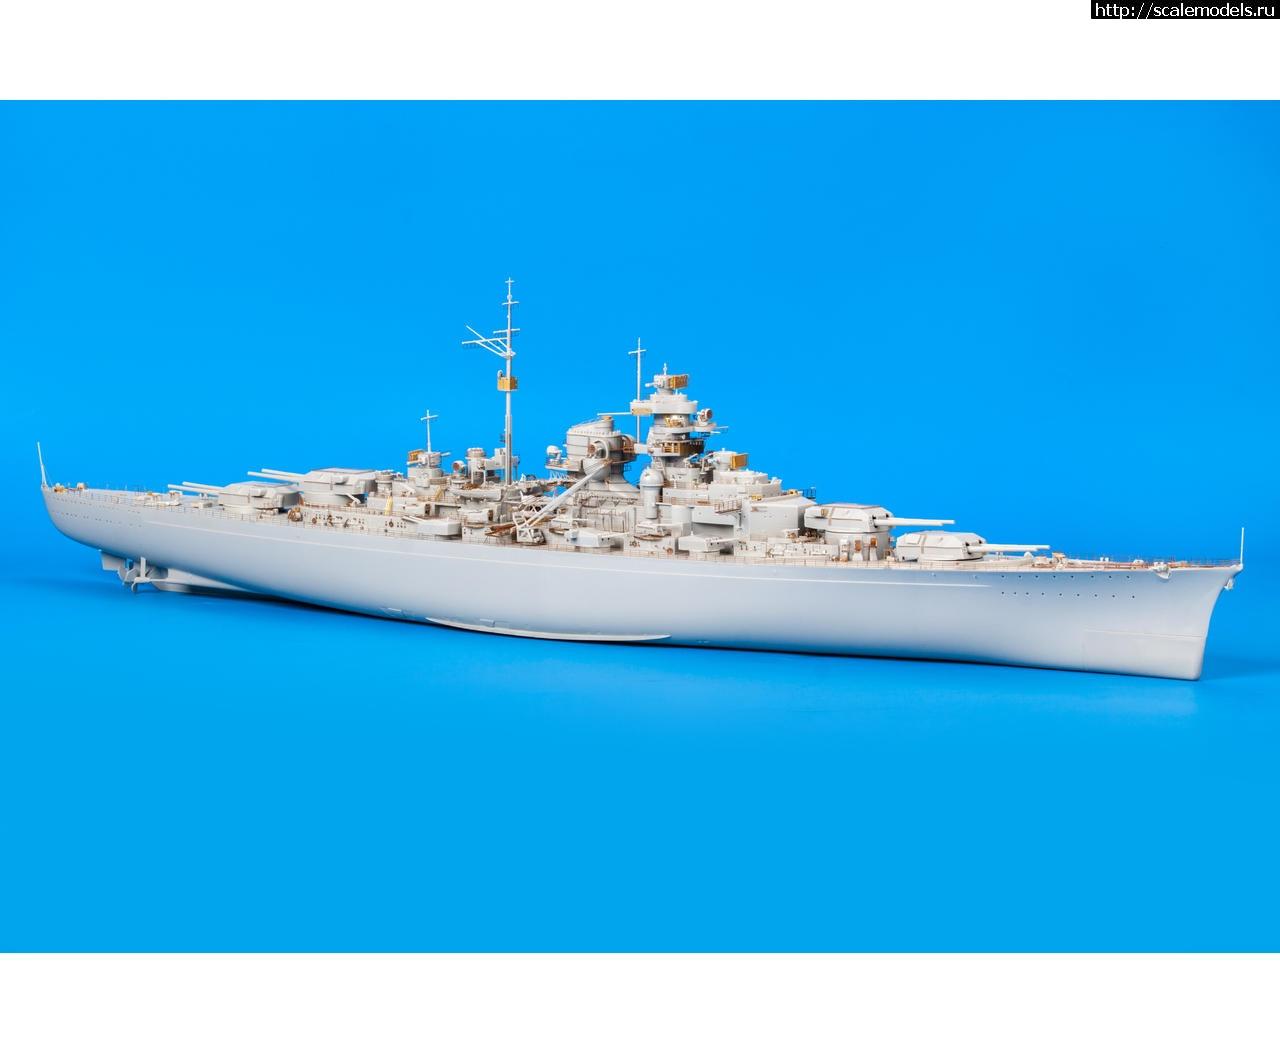 Анонс Eduard 1/350 травление для линкора Bismarck от Trumpeter Закрыть окно